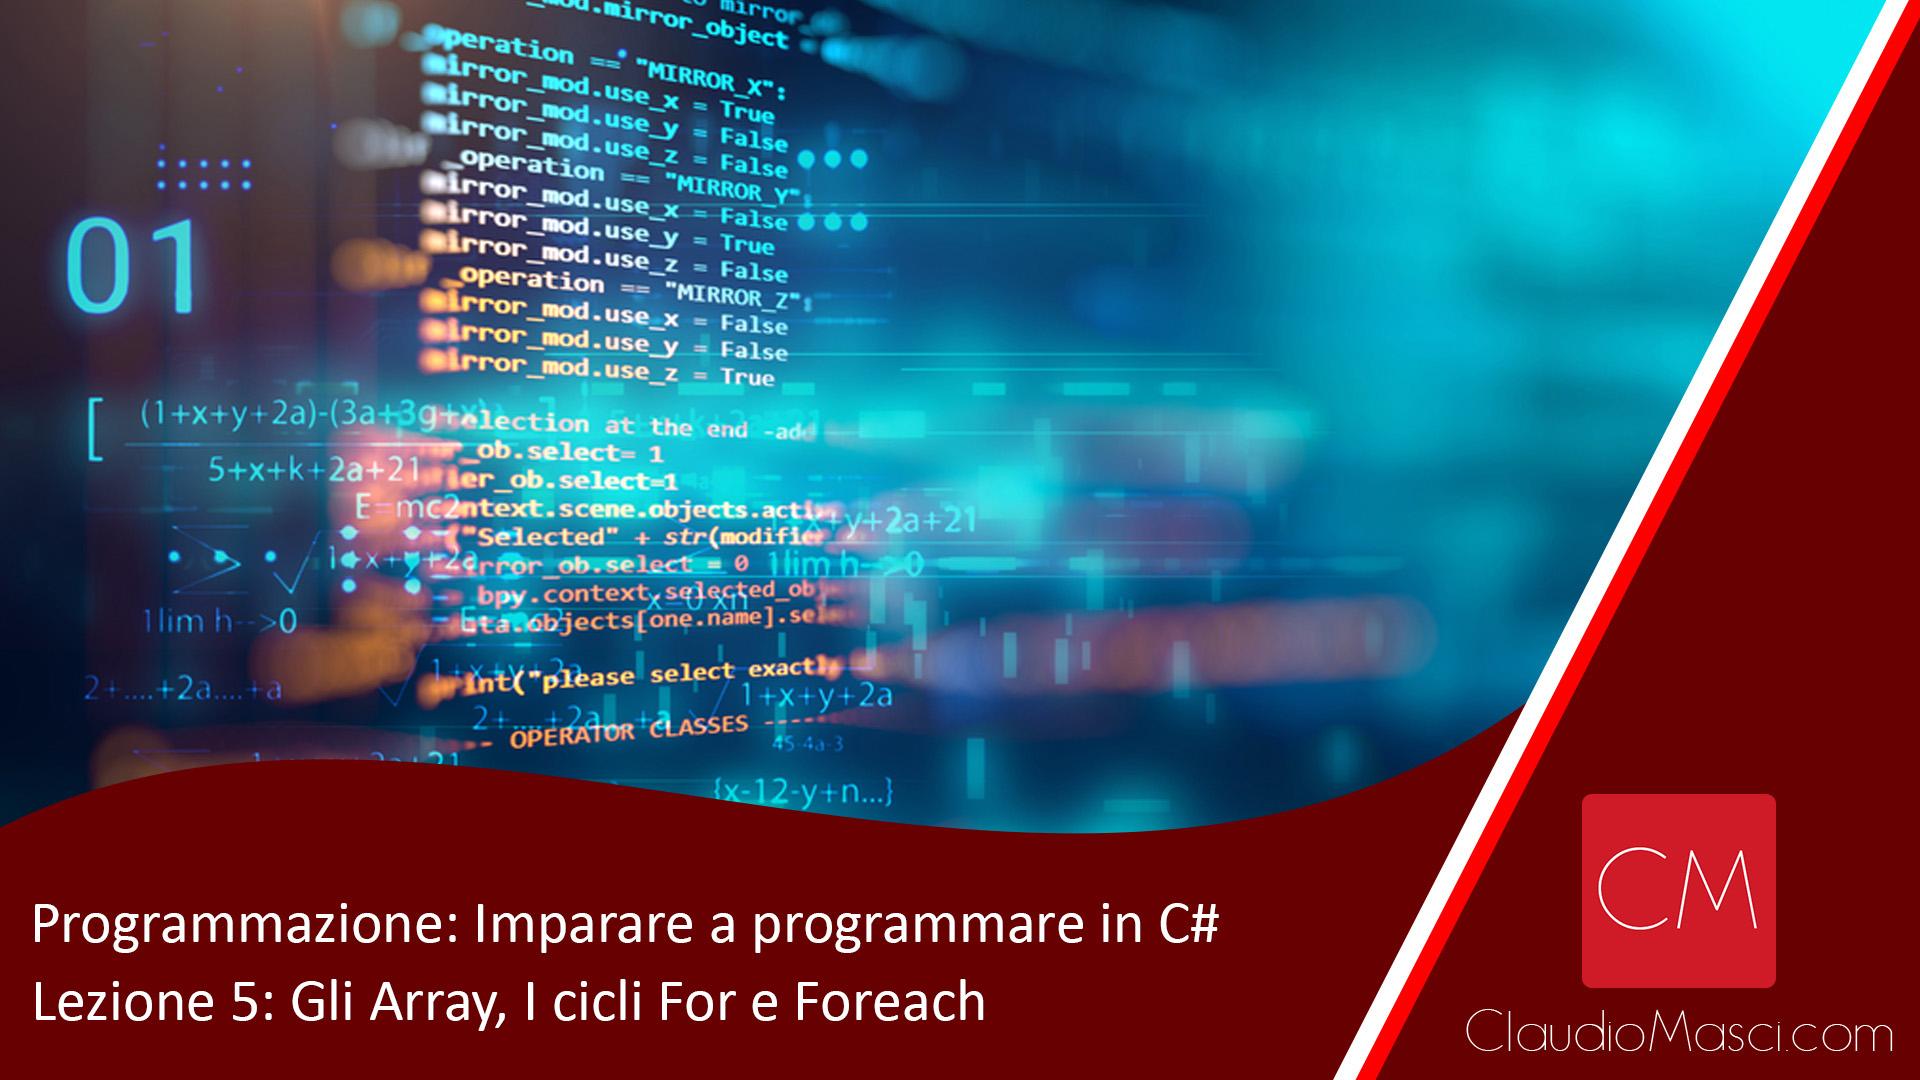 Programmazione – Imparare a programmare in C# – Lezione 5: Gli Array e i cicli For e Foreach